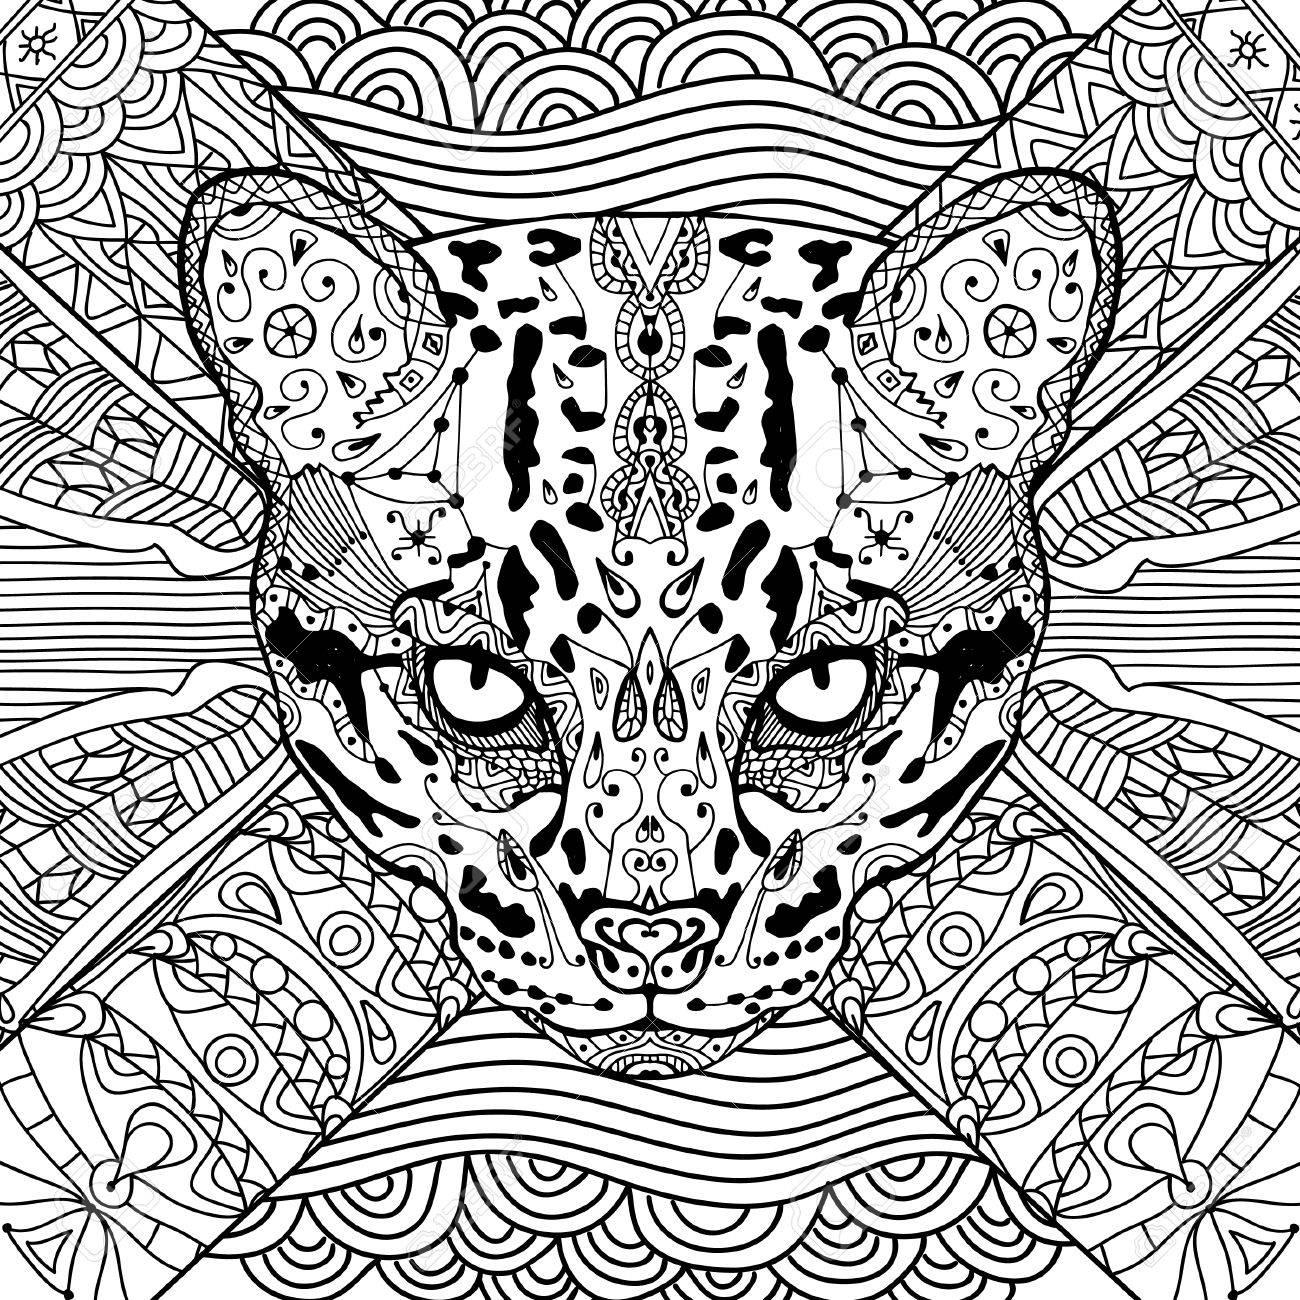 Coloring Katze Buch Für Erwachsene, Wilde Katze Auf Dem